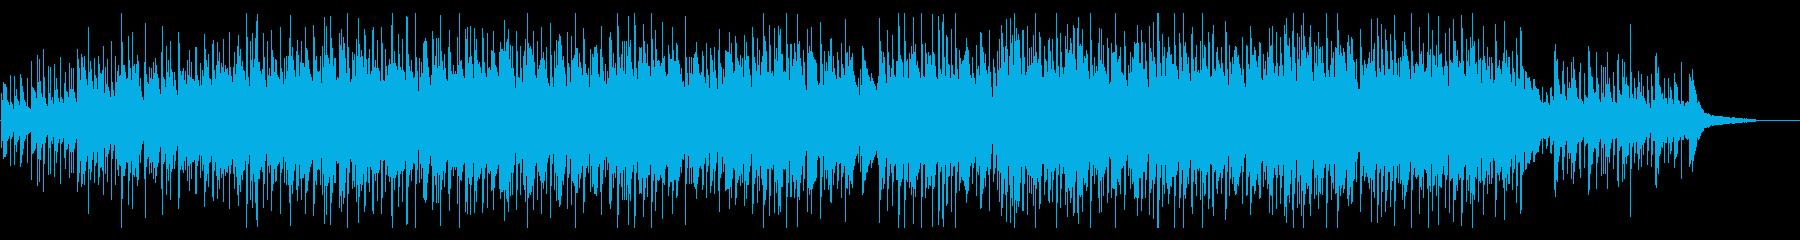 おしゃれかわいいウクレレの再生済みの波形